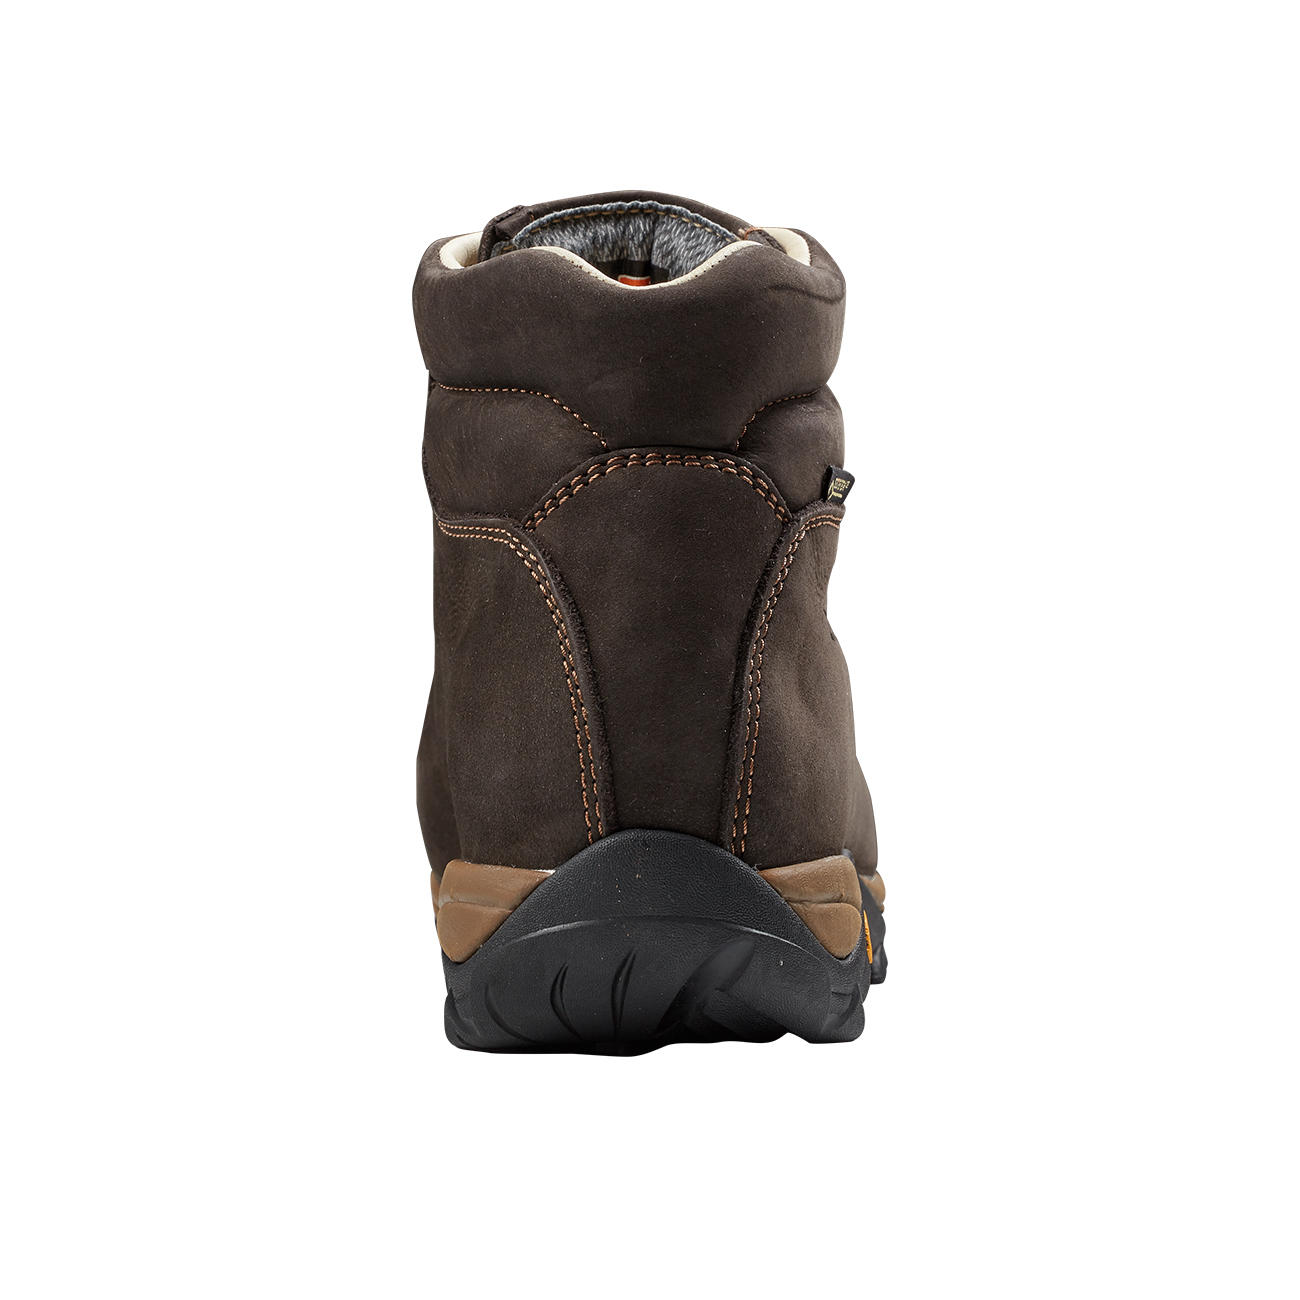 Chaussures de randonnée hommes Zamberlan®